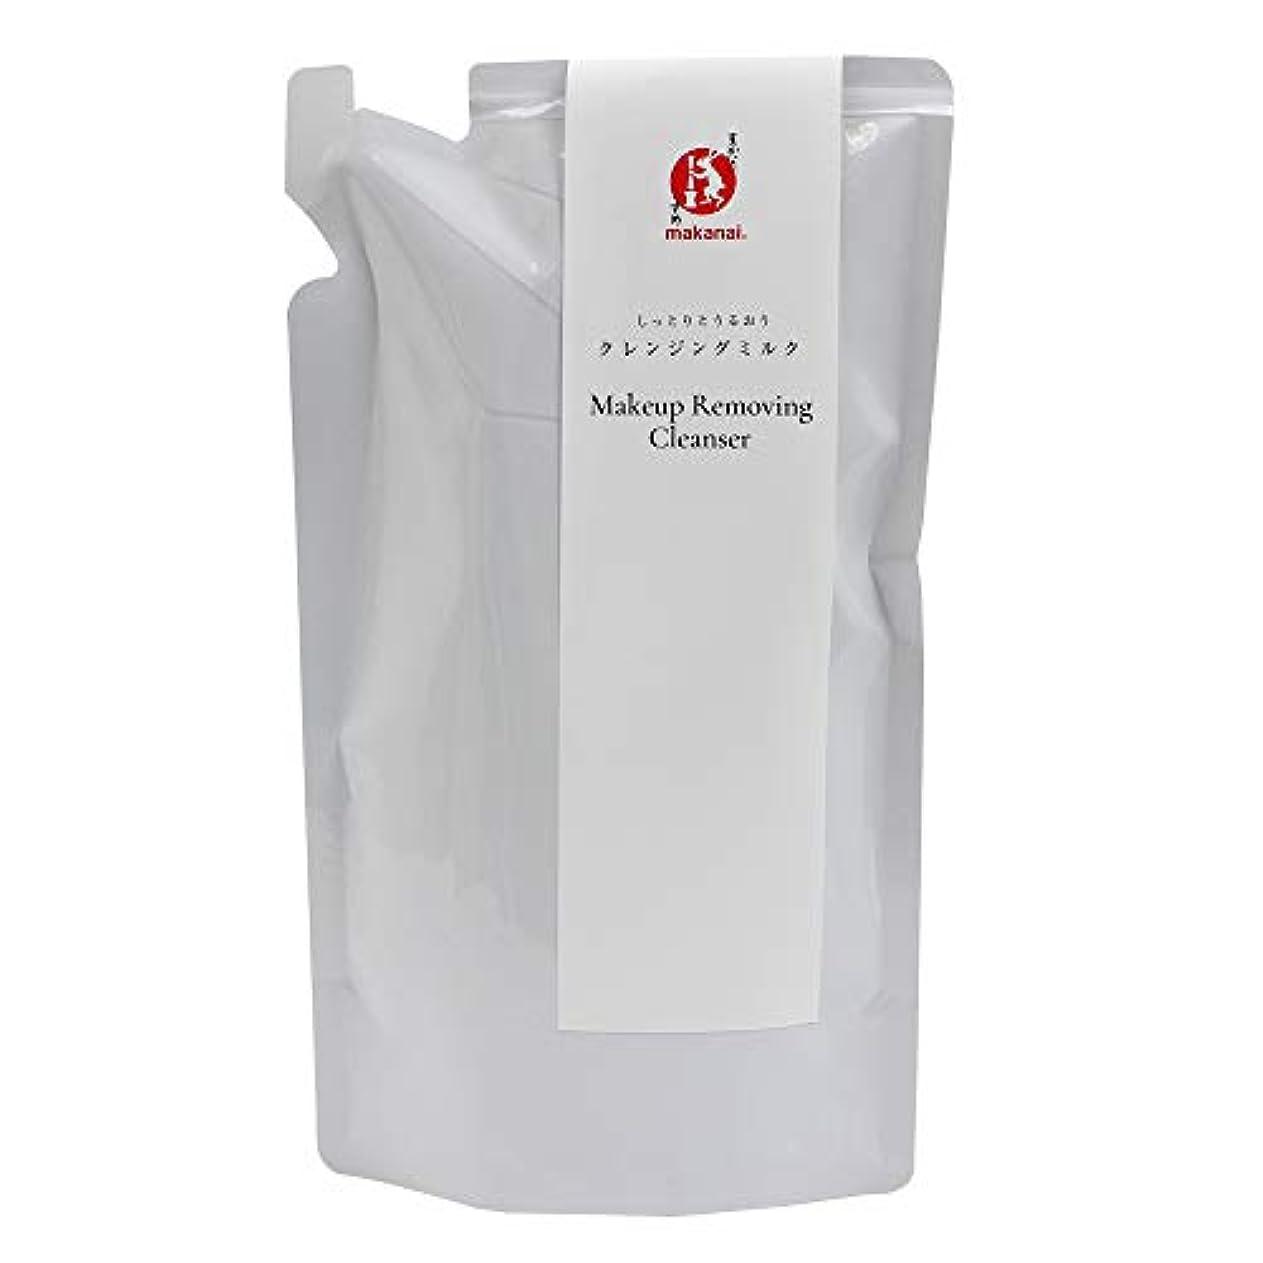 忠実なはいレイアまかないこすめ しっとりとうるおうクレンジングミルク(詰め替え用) 140ml